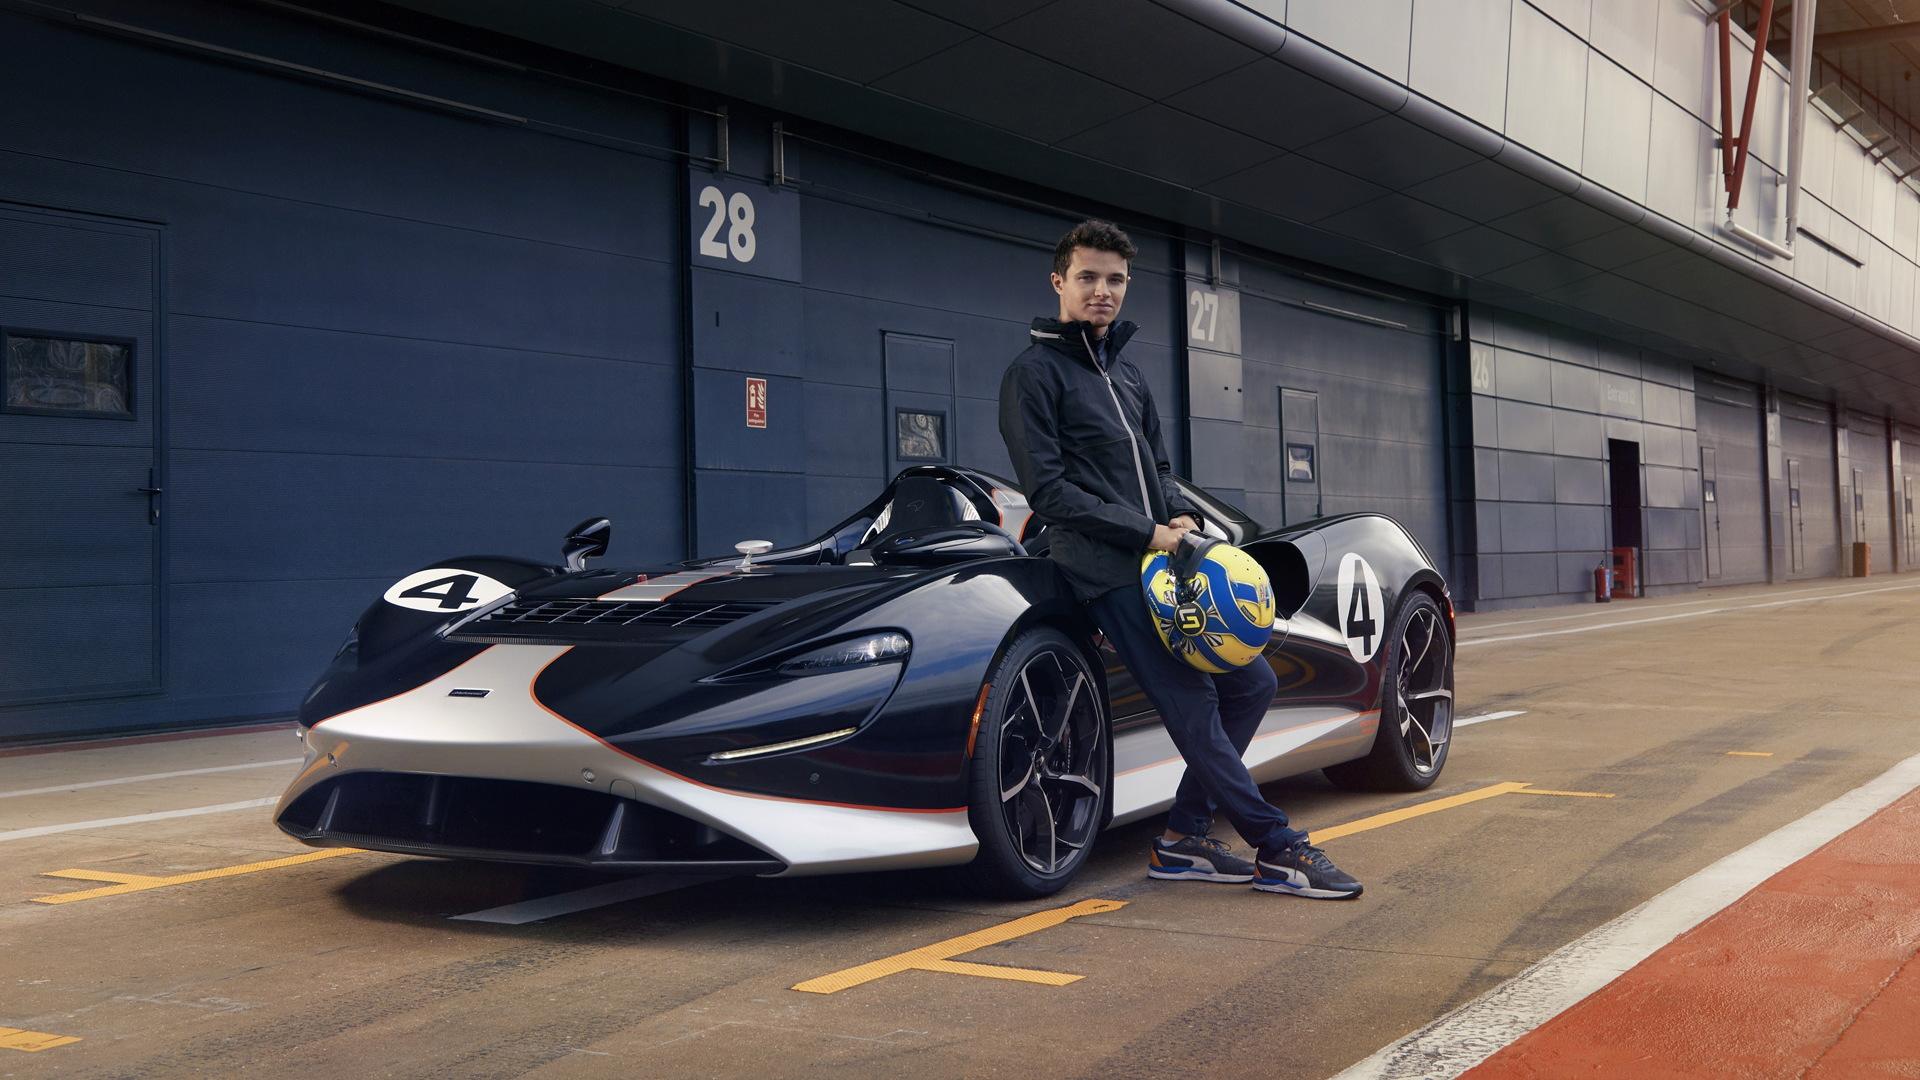 McLaren Formula One driver Lando Norris with the McLaren Elva speedster